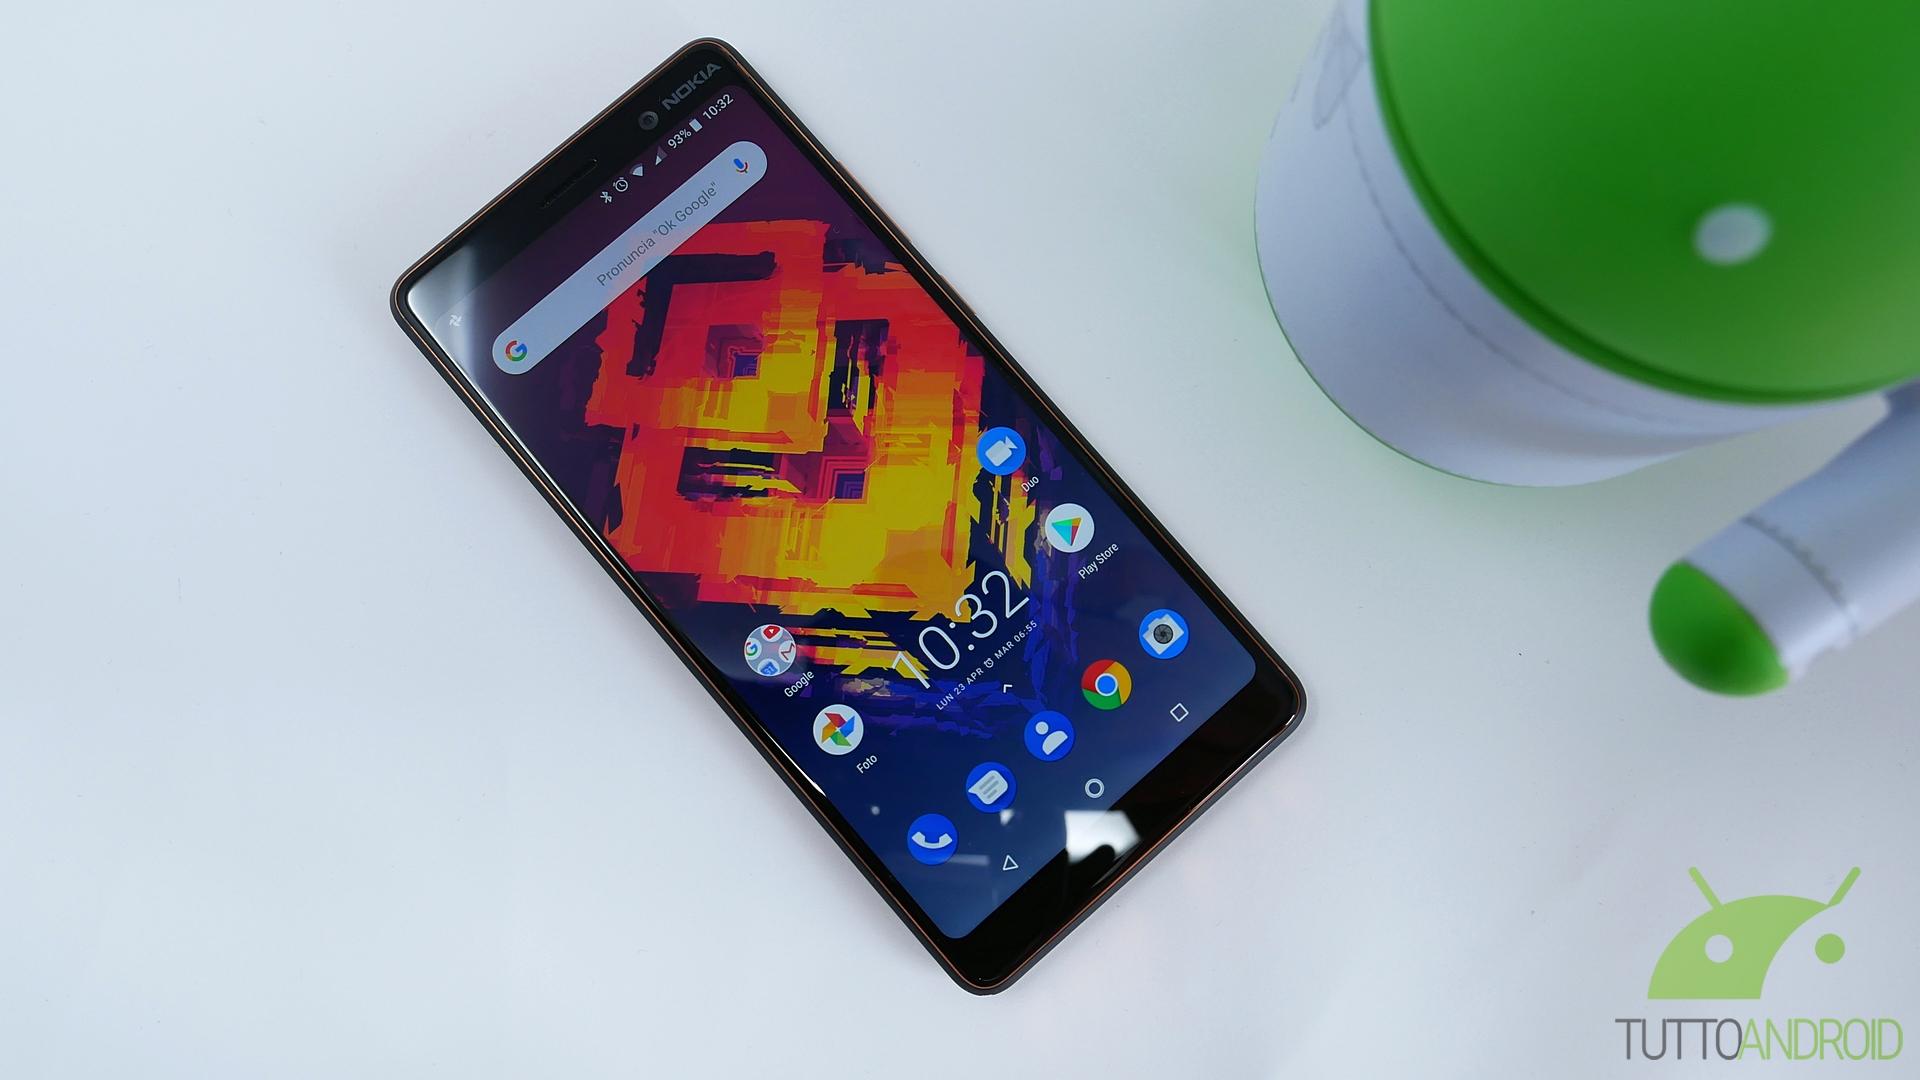 Alcuni Nokia 7 Plus hanno inviato dati personali in Cina senza permesso